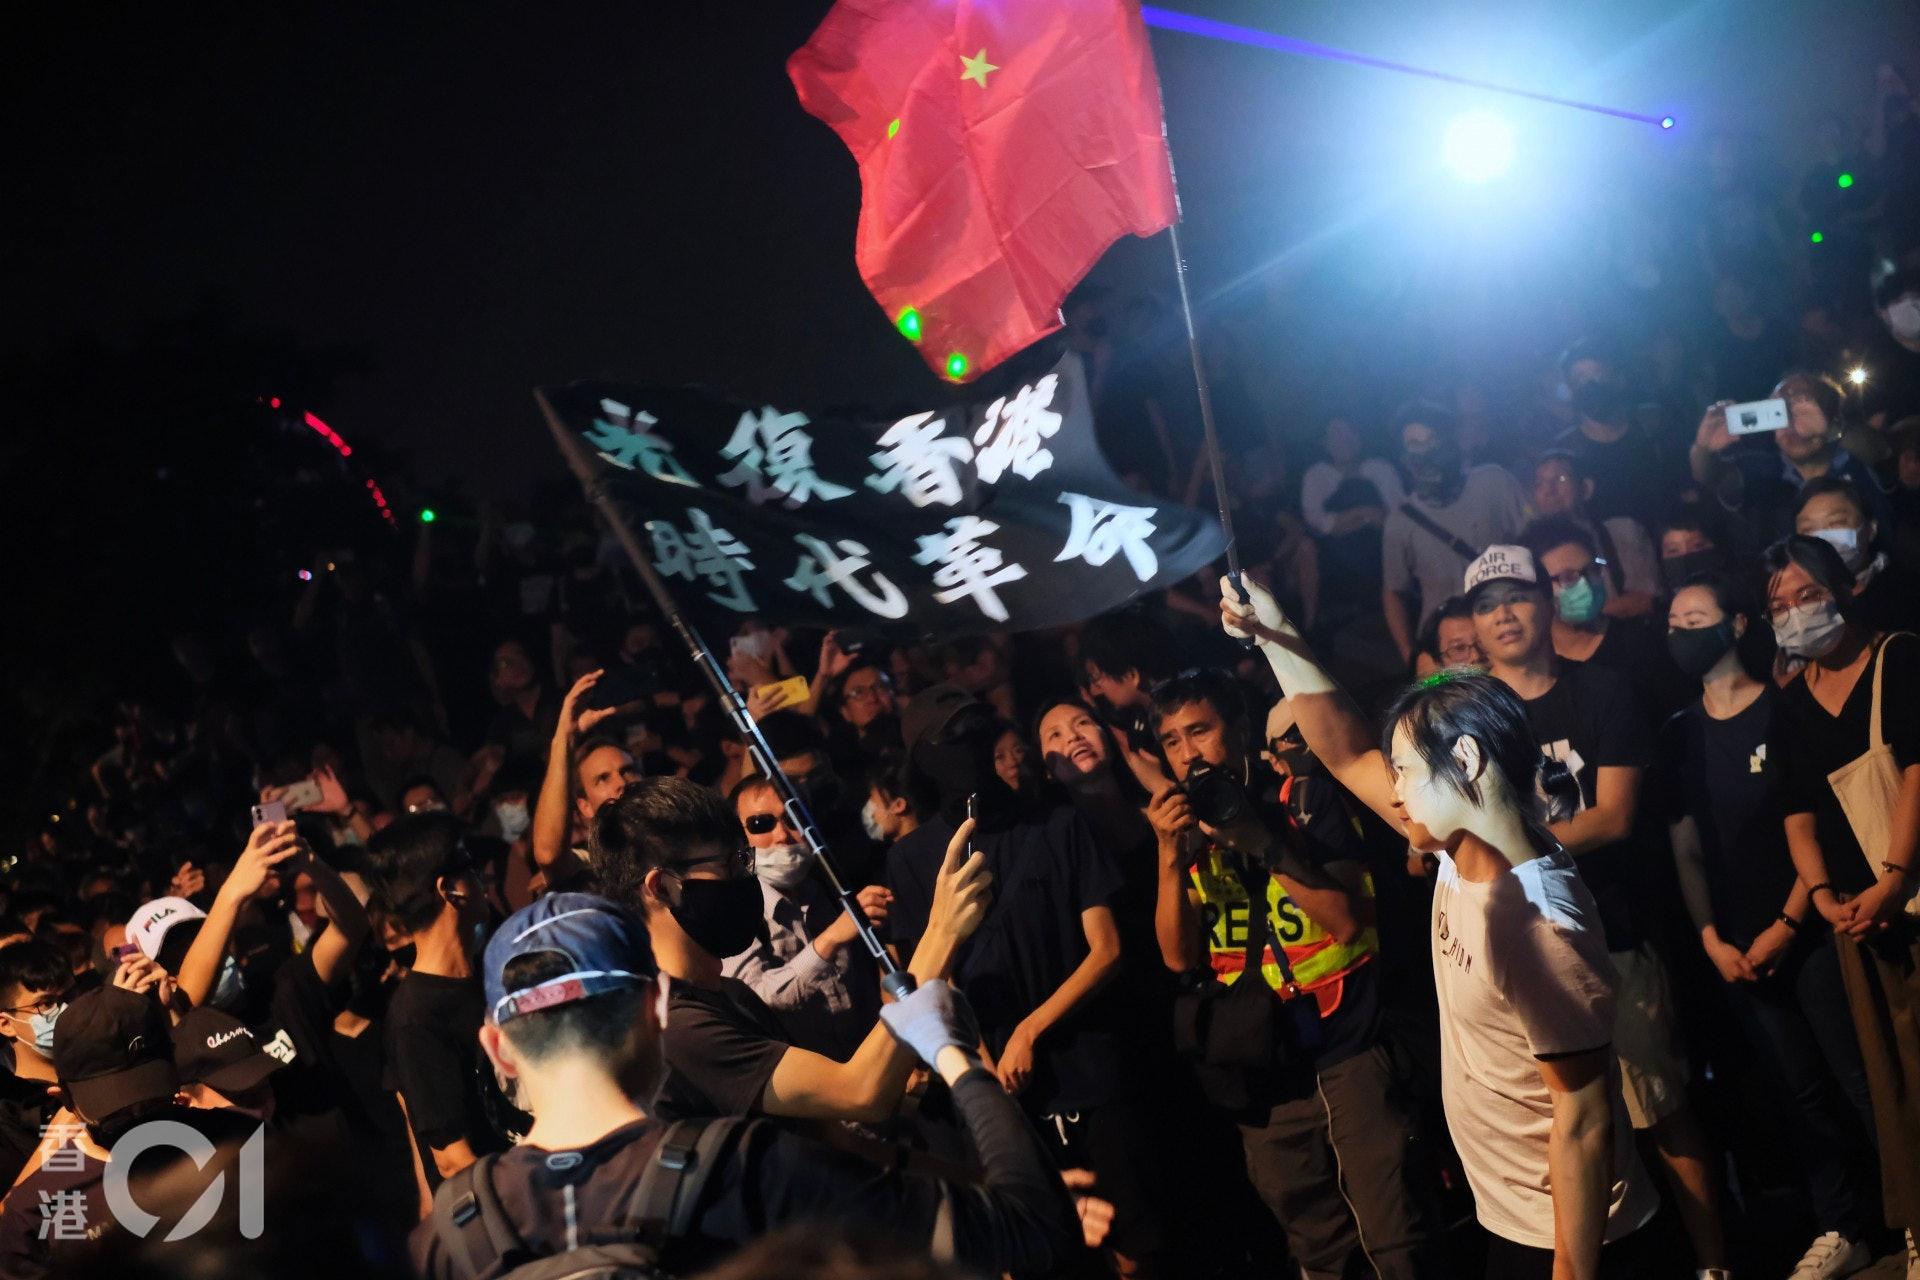 2019年9月28日,金鐘添馬公園有傘運五周年集會中有人持中國國旗「踏場」。(歐嘉樂攝)